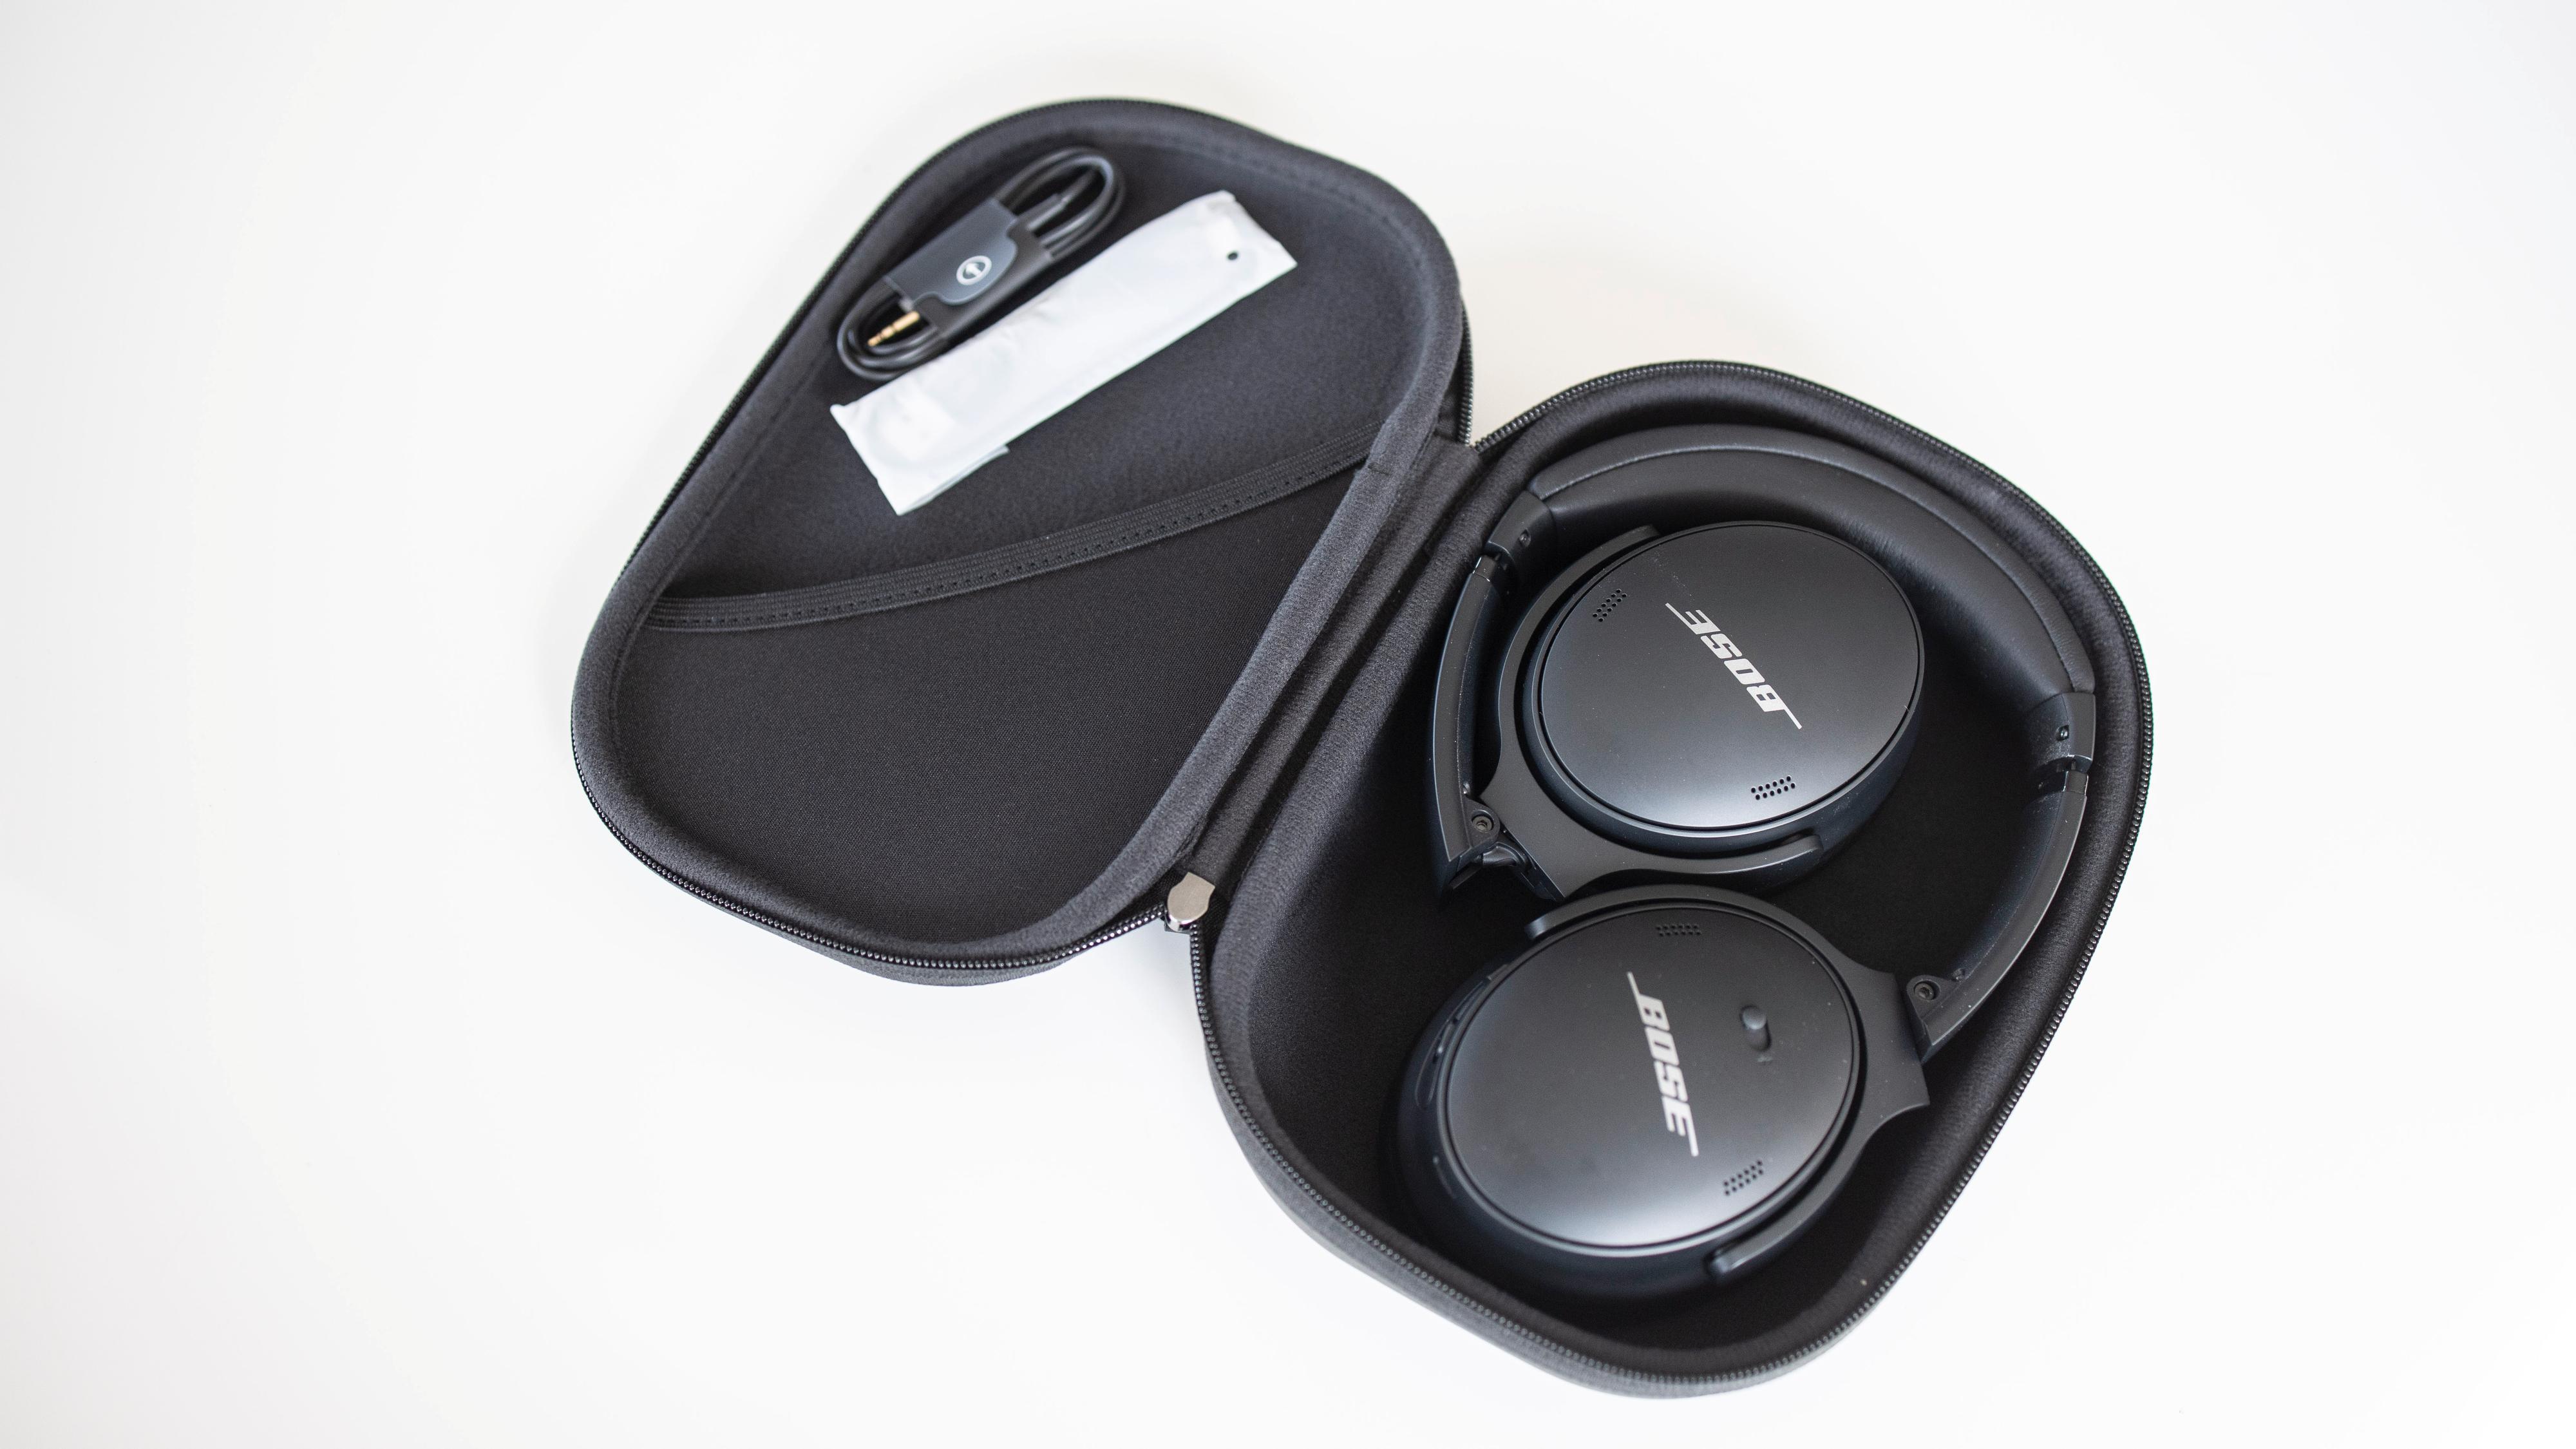 Hodetelefonene kan legges sammen og det følger med et etui. Det gjør dem ganske enkle å hive i sekken.